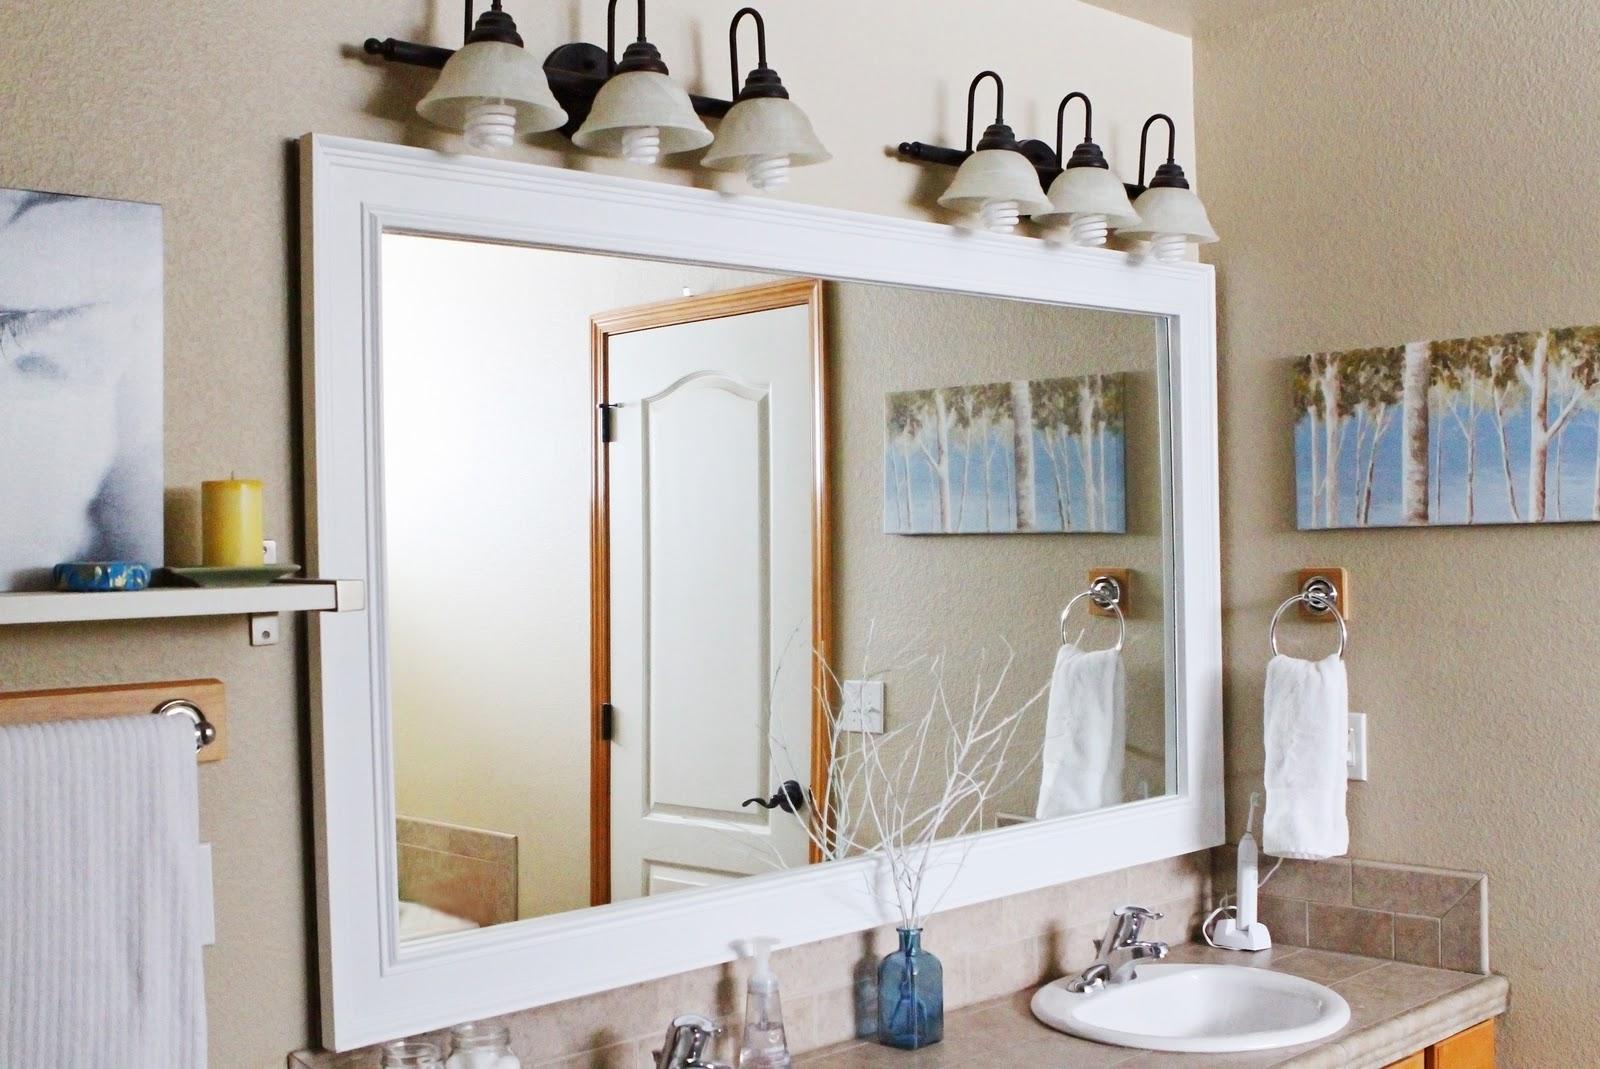 The Aprecios Update 2 Bathroom Mirror